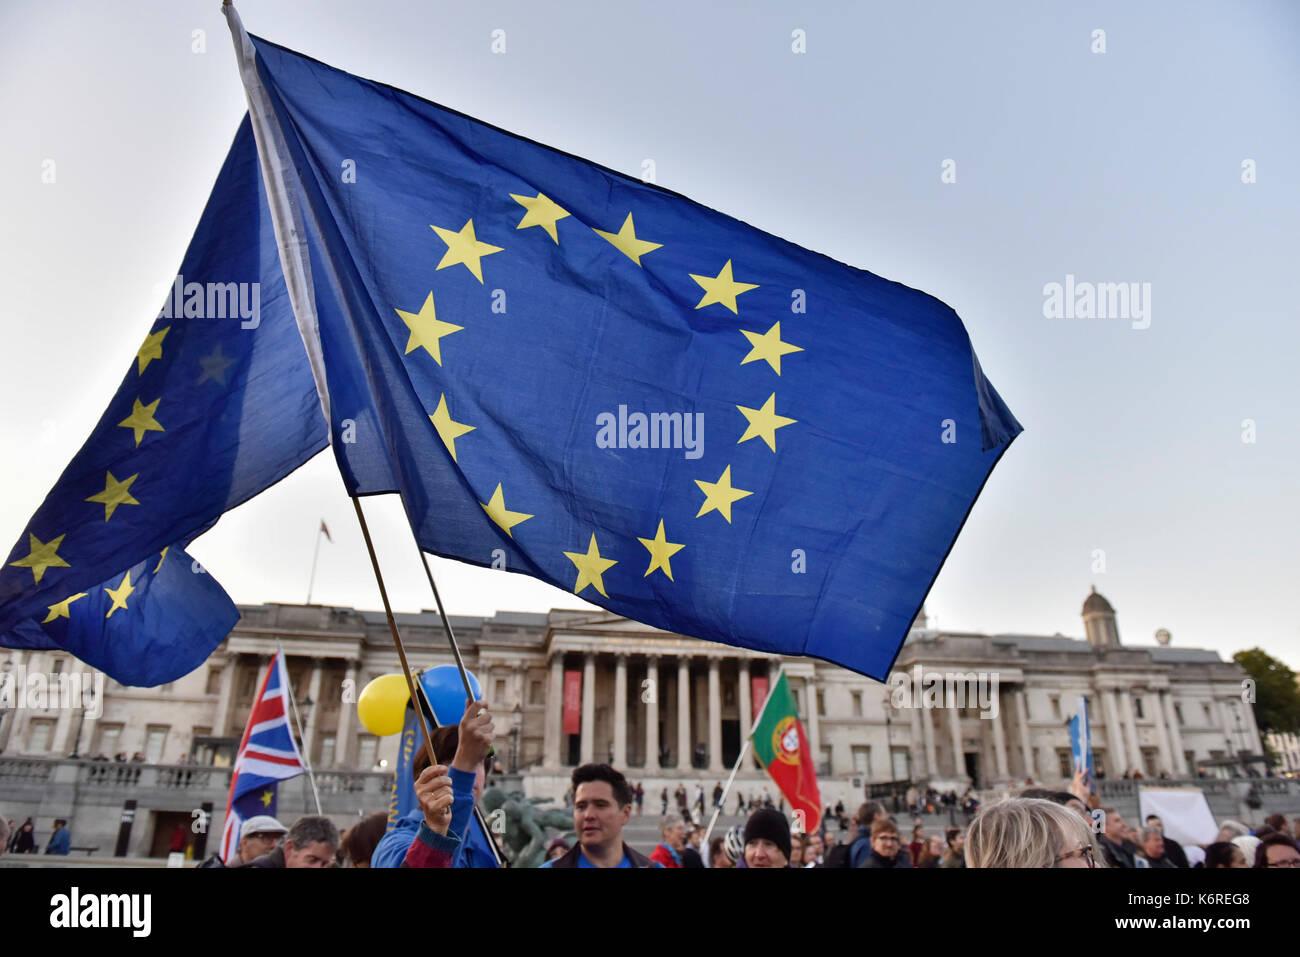 London, Großbritannien. 13 Sep, 2017. Menschen versammeln sich zu einer Kundgebung am Trafalgar Square in London, Britain on Sept. 13, 2017. Eine Rallye wurde hier am Mittwoch gehalten, die Rechte der EU-Bürger in Großbritannien und die britischen Bürger in der EU zu halten, nachdem Brexit. Credit: Stephen Chung/Xinhua/Alamy leben Nachrichten Stockfoto